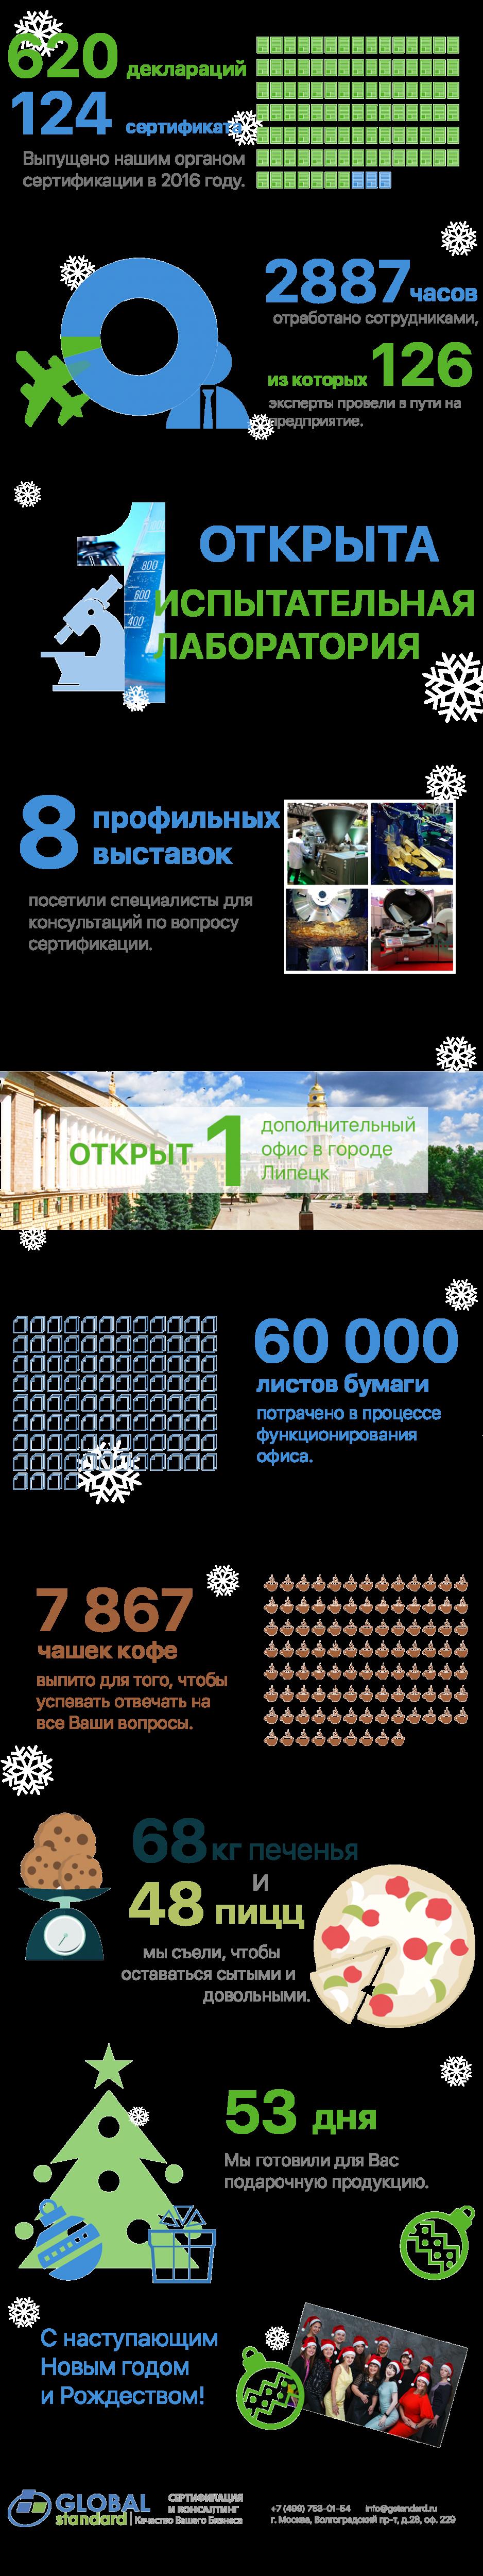 novogodnyaya-infografika-novaya